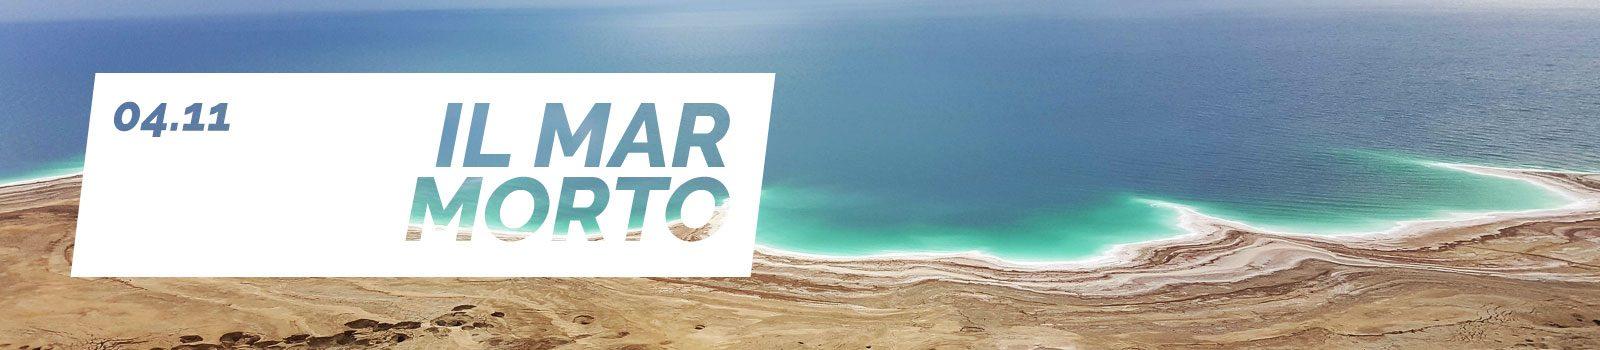 banner-giordania-4-marmorto